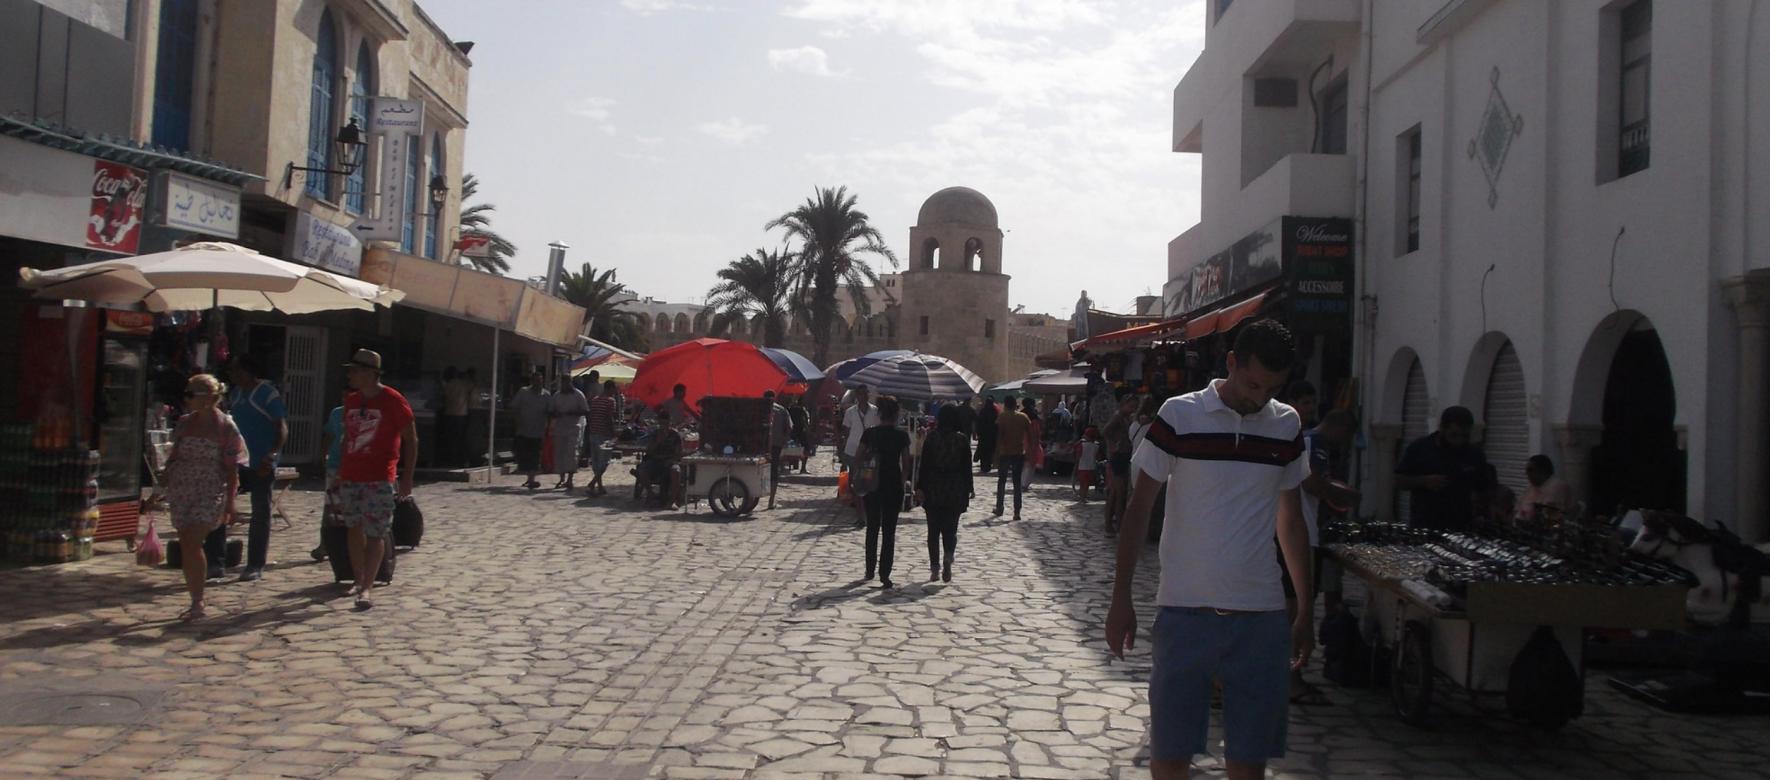 Tunisie : Exportations, importations, quelle est la situation commerciale du pays ?